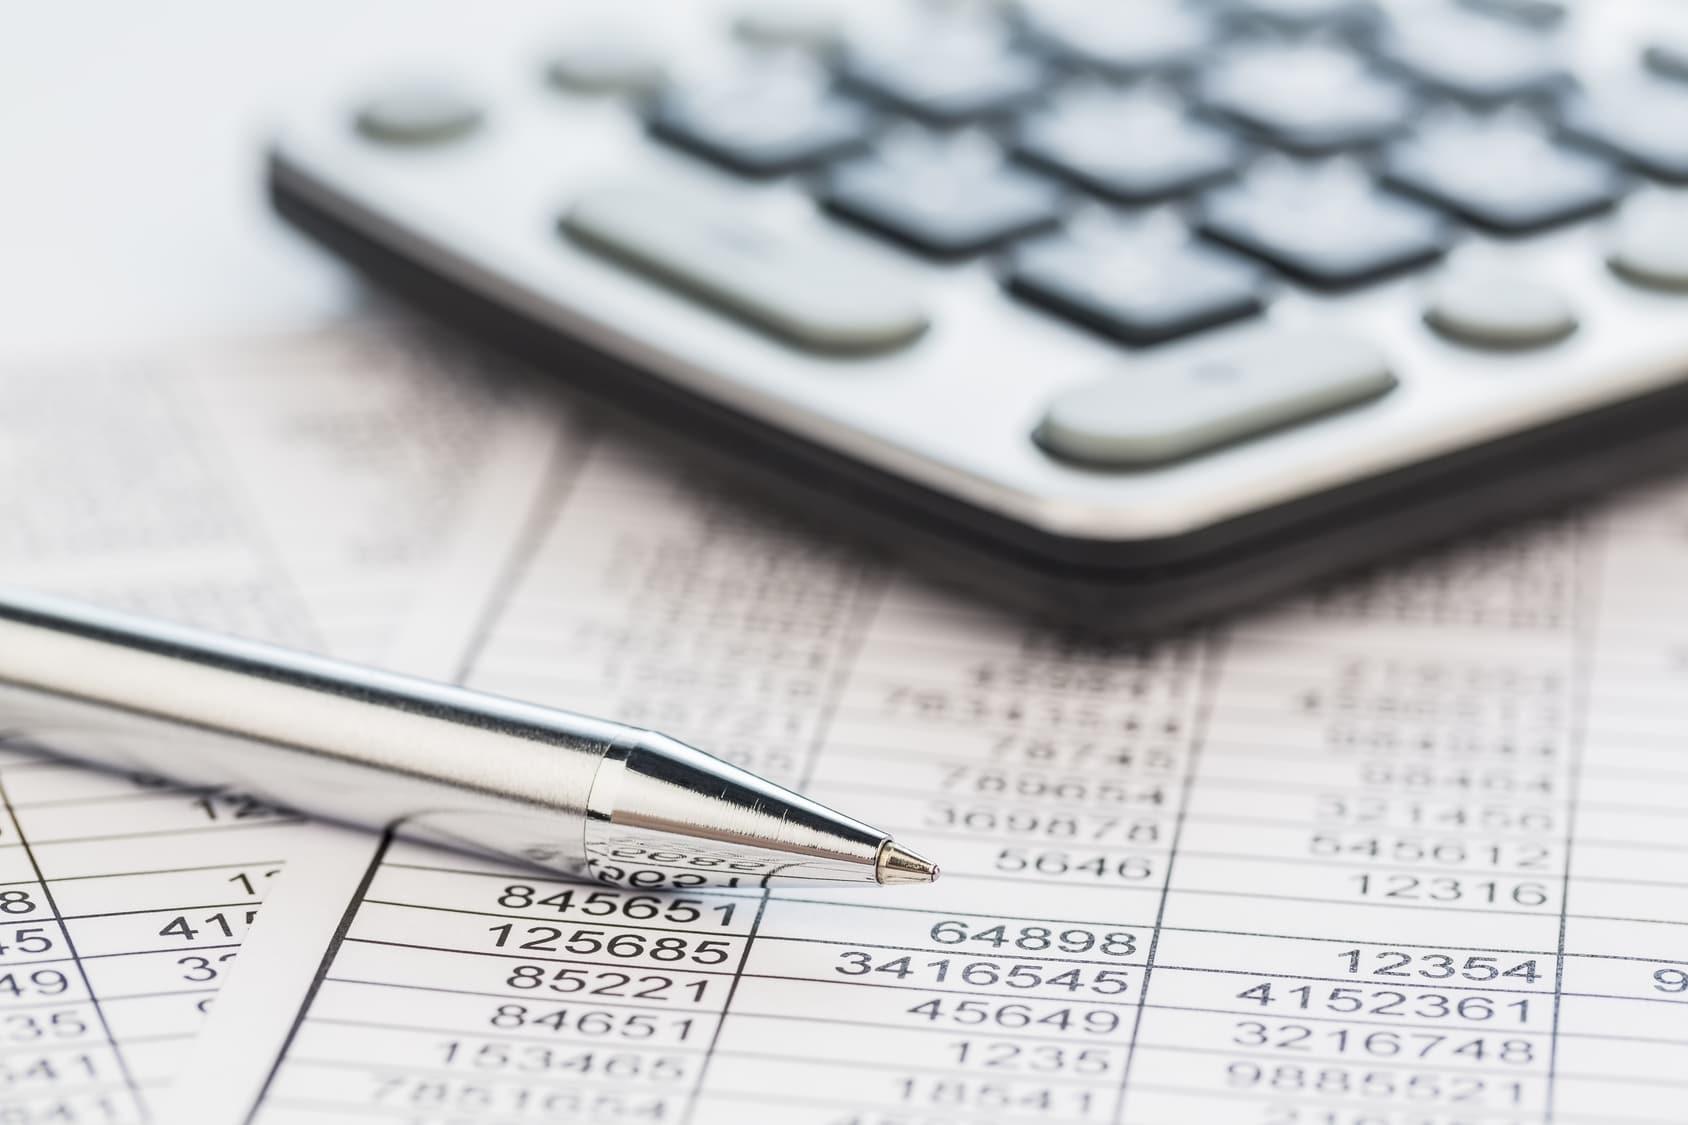 Kfz Versicherung Monatlich Zahlen